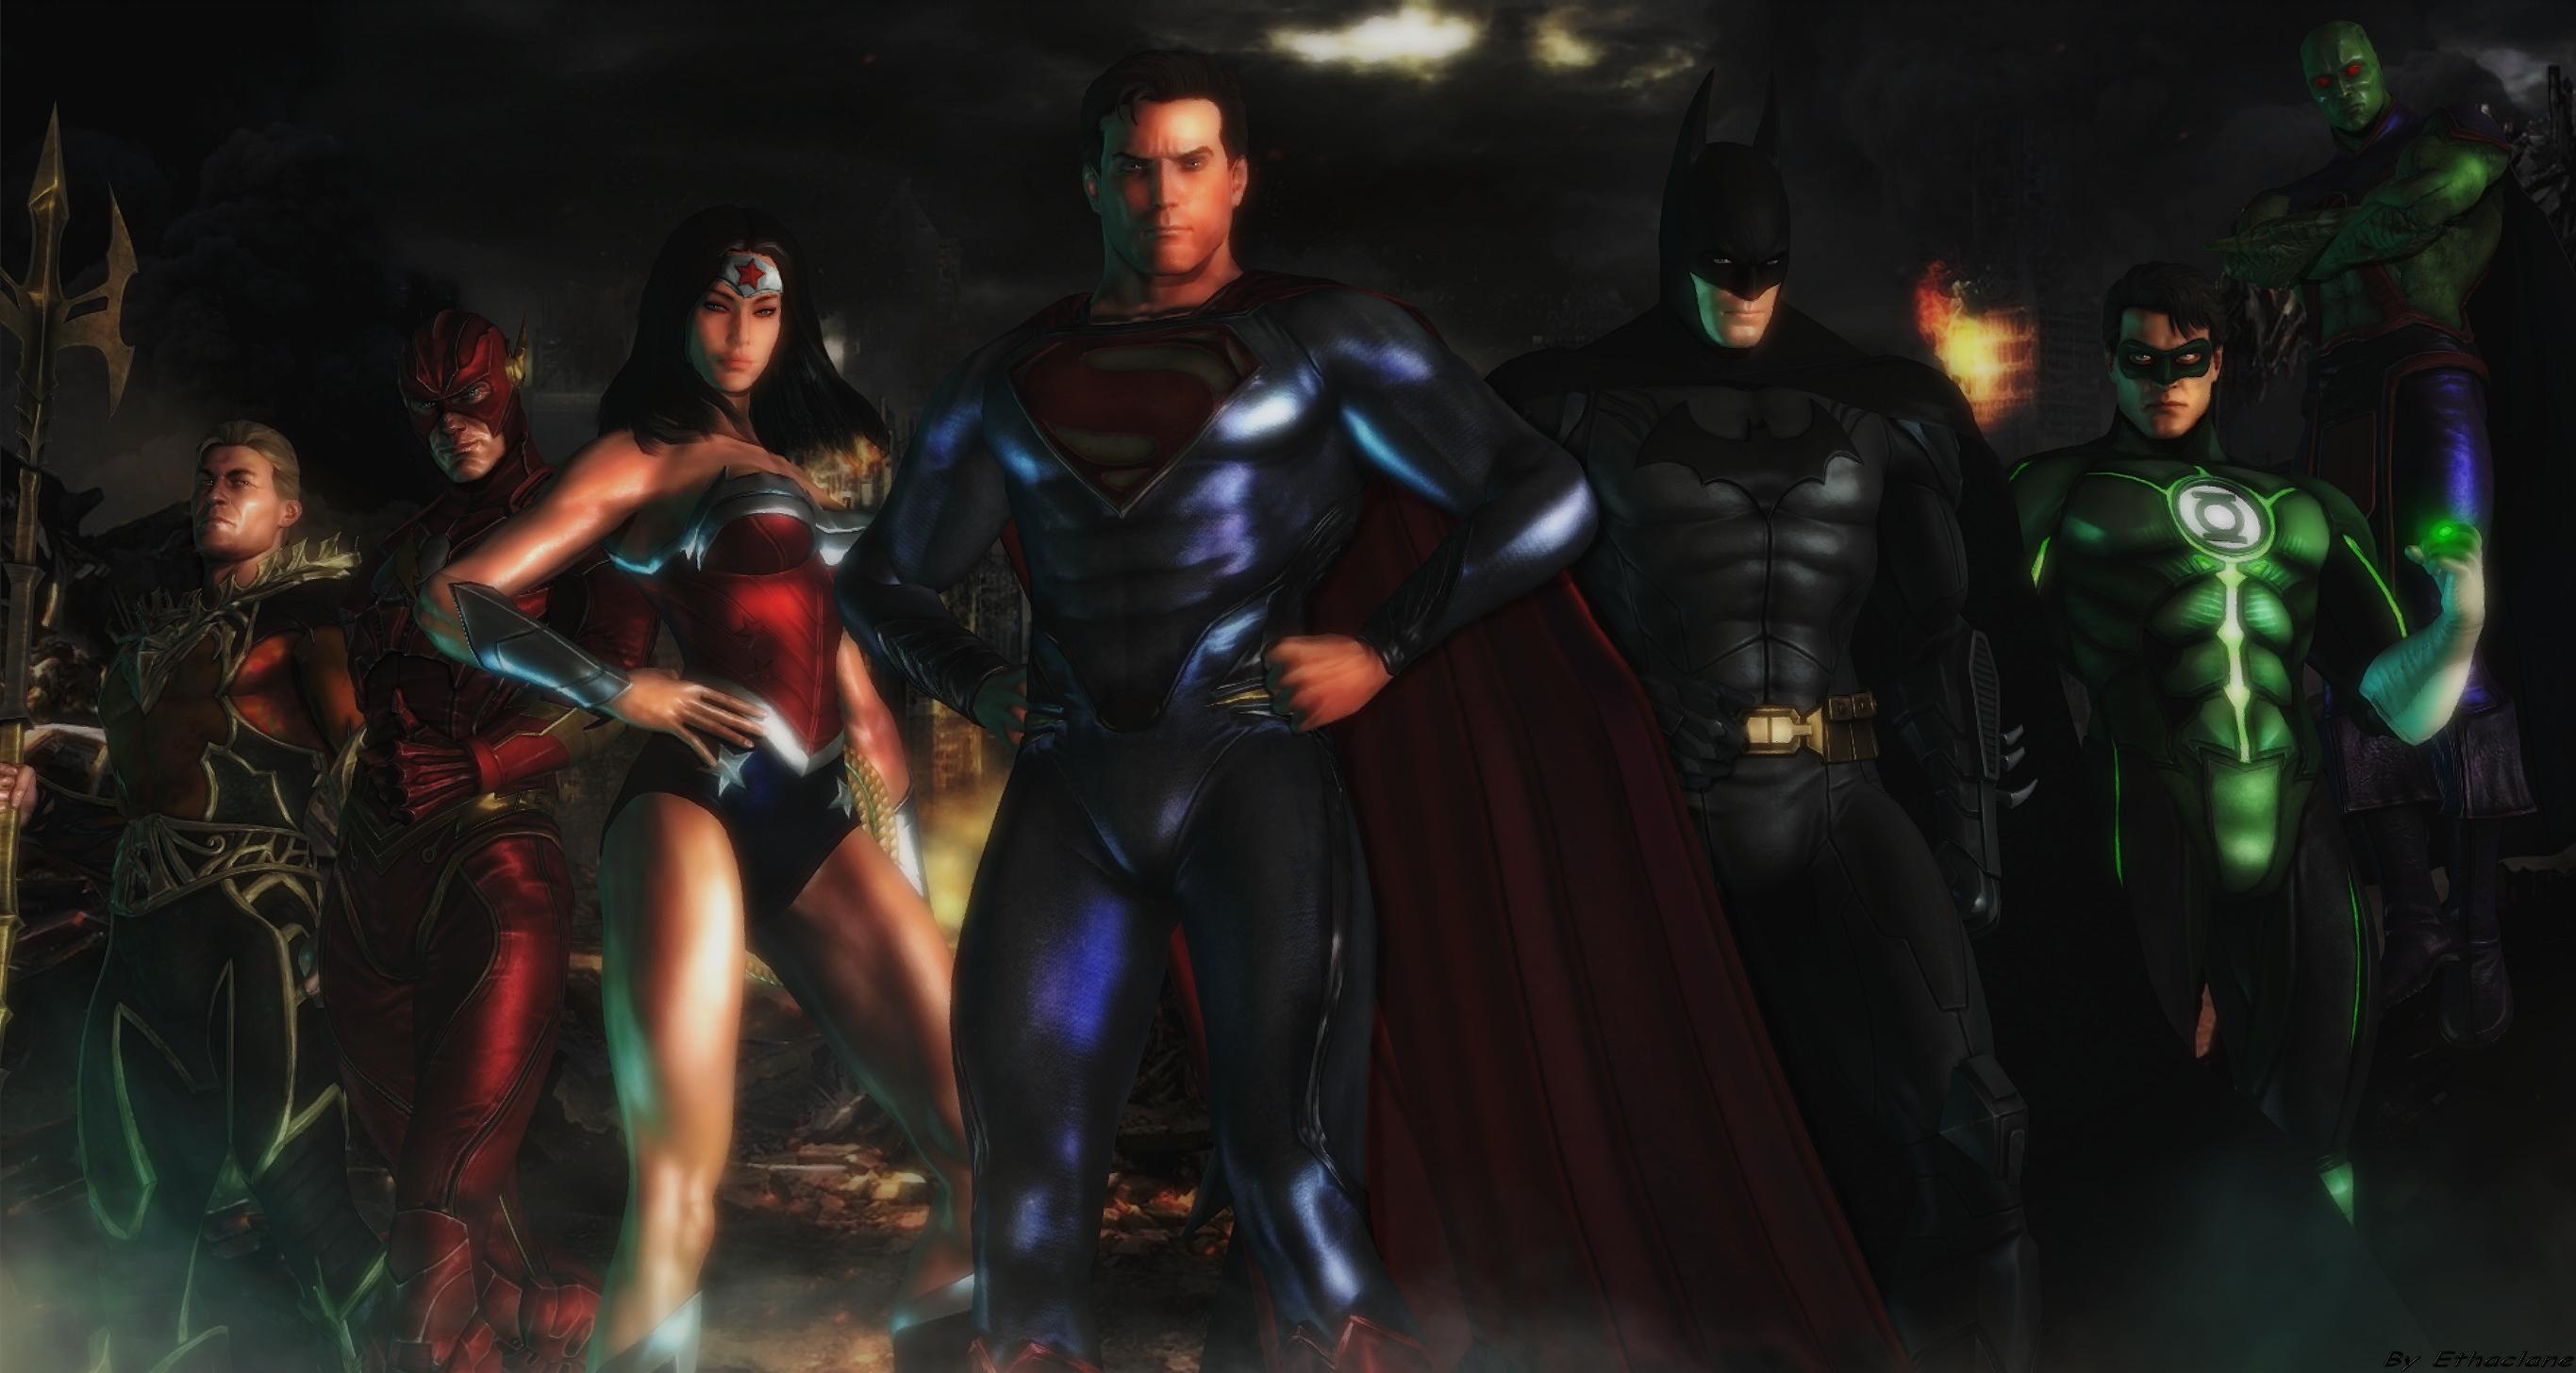 Hd wallpaper justice league - Justice League Wallpaper By Ethaclane Fan Art Wallpaper Games 2013